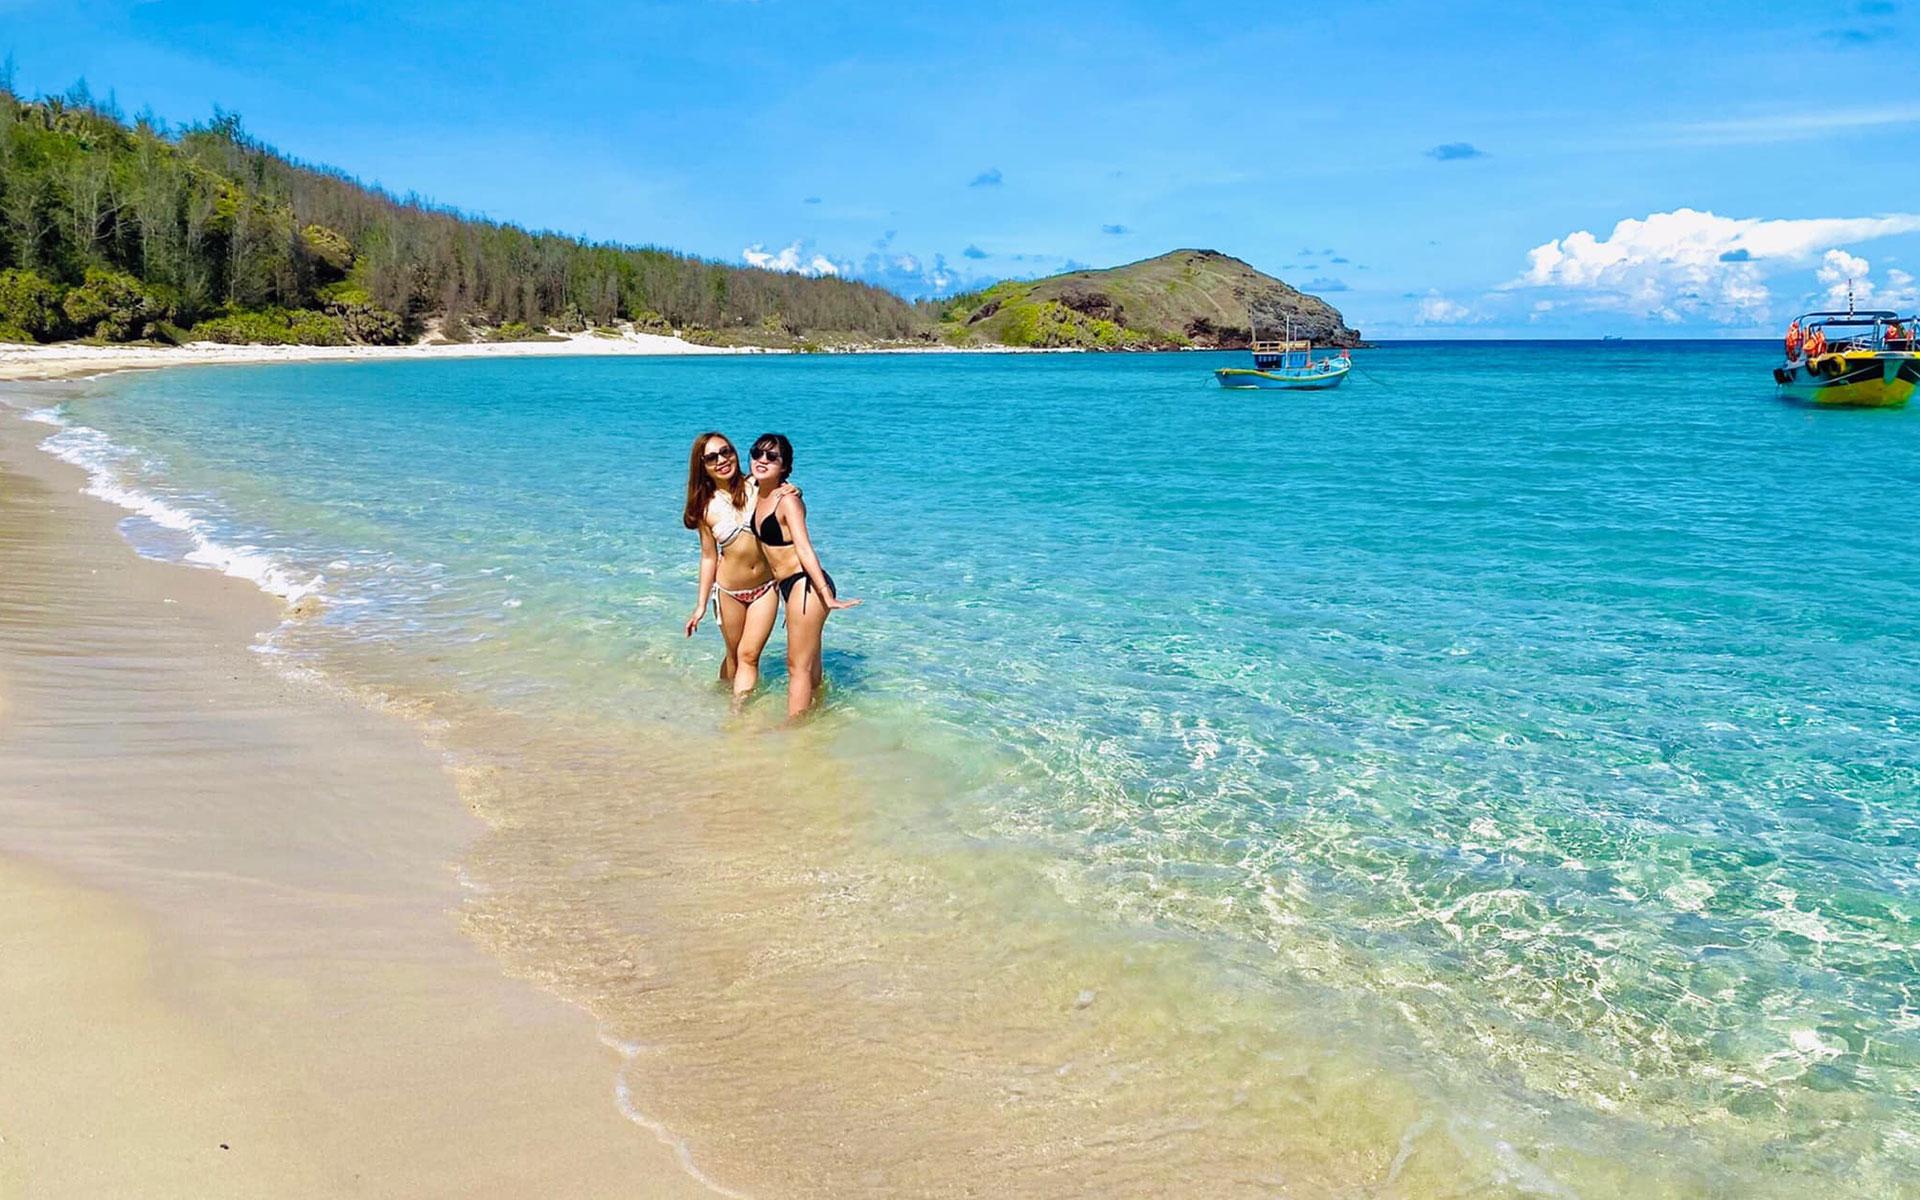 Trieu Duong Bay